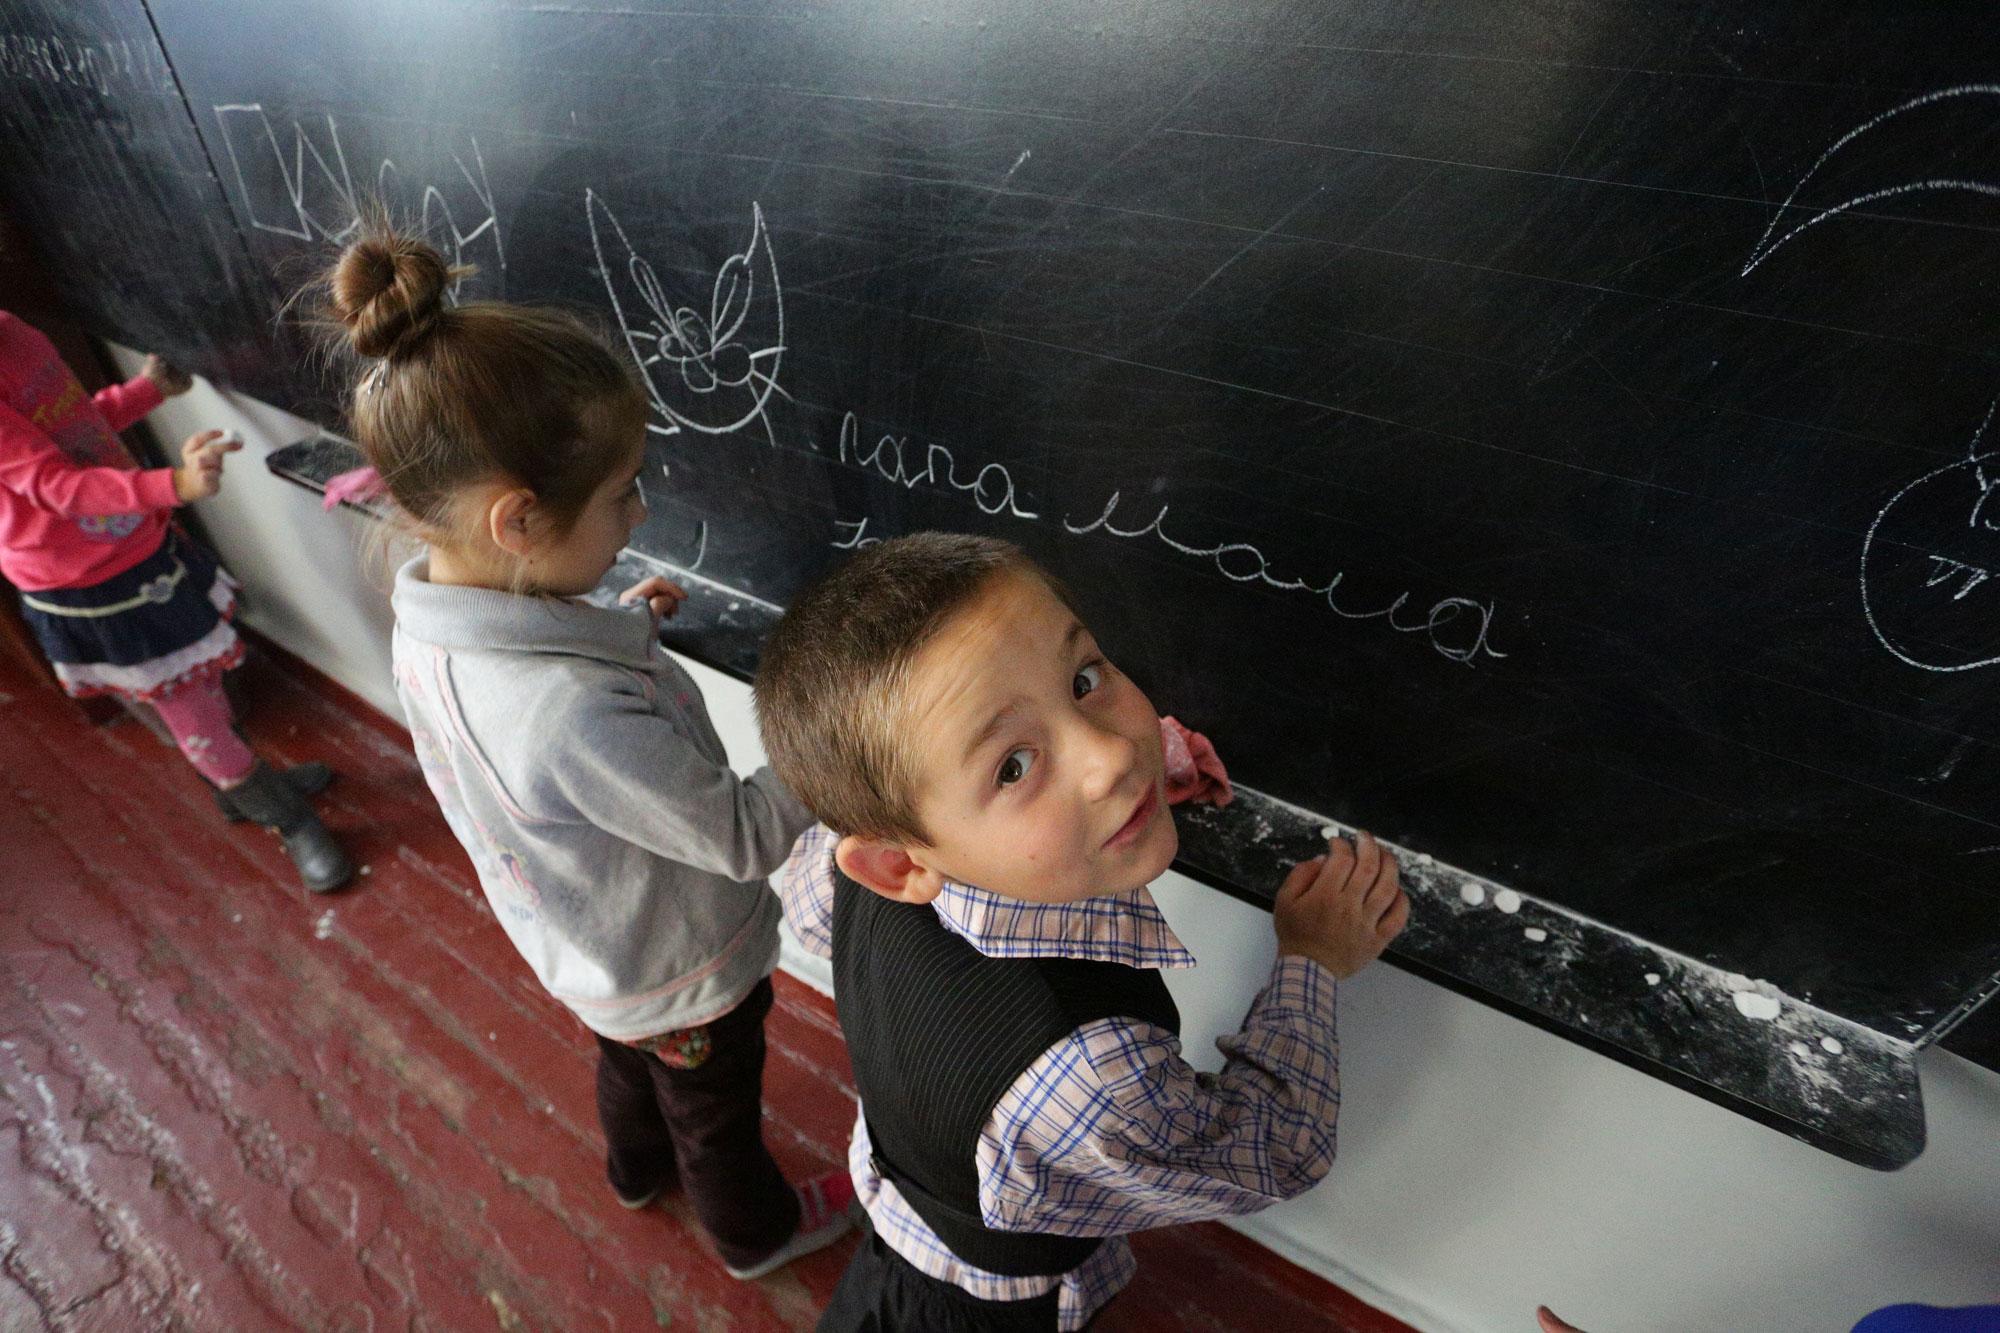 Des enfants écrivent au tableau dans une école du village de Staromykhailovka, sur la ligne de front, entre les villes de Donetsk et Mariyanovka, en Ukraine. © UNICEF / Aleksey Filippov